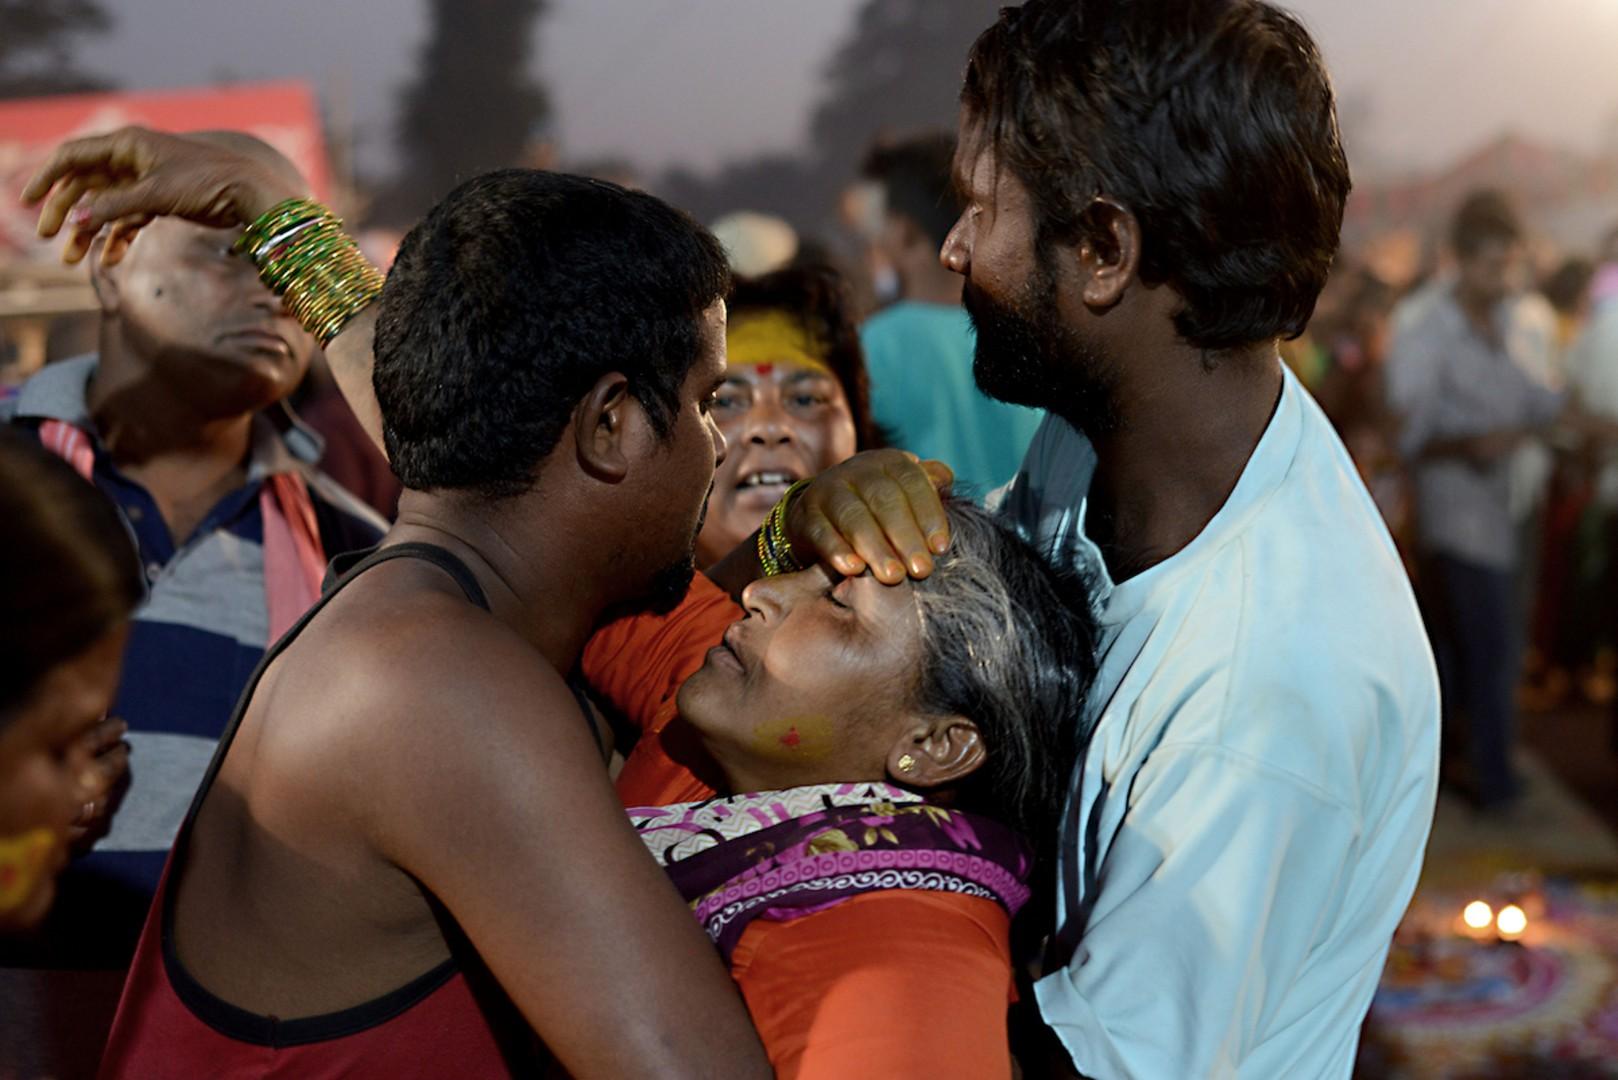 Il festival Sammakka Sarakka Jatara in India